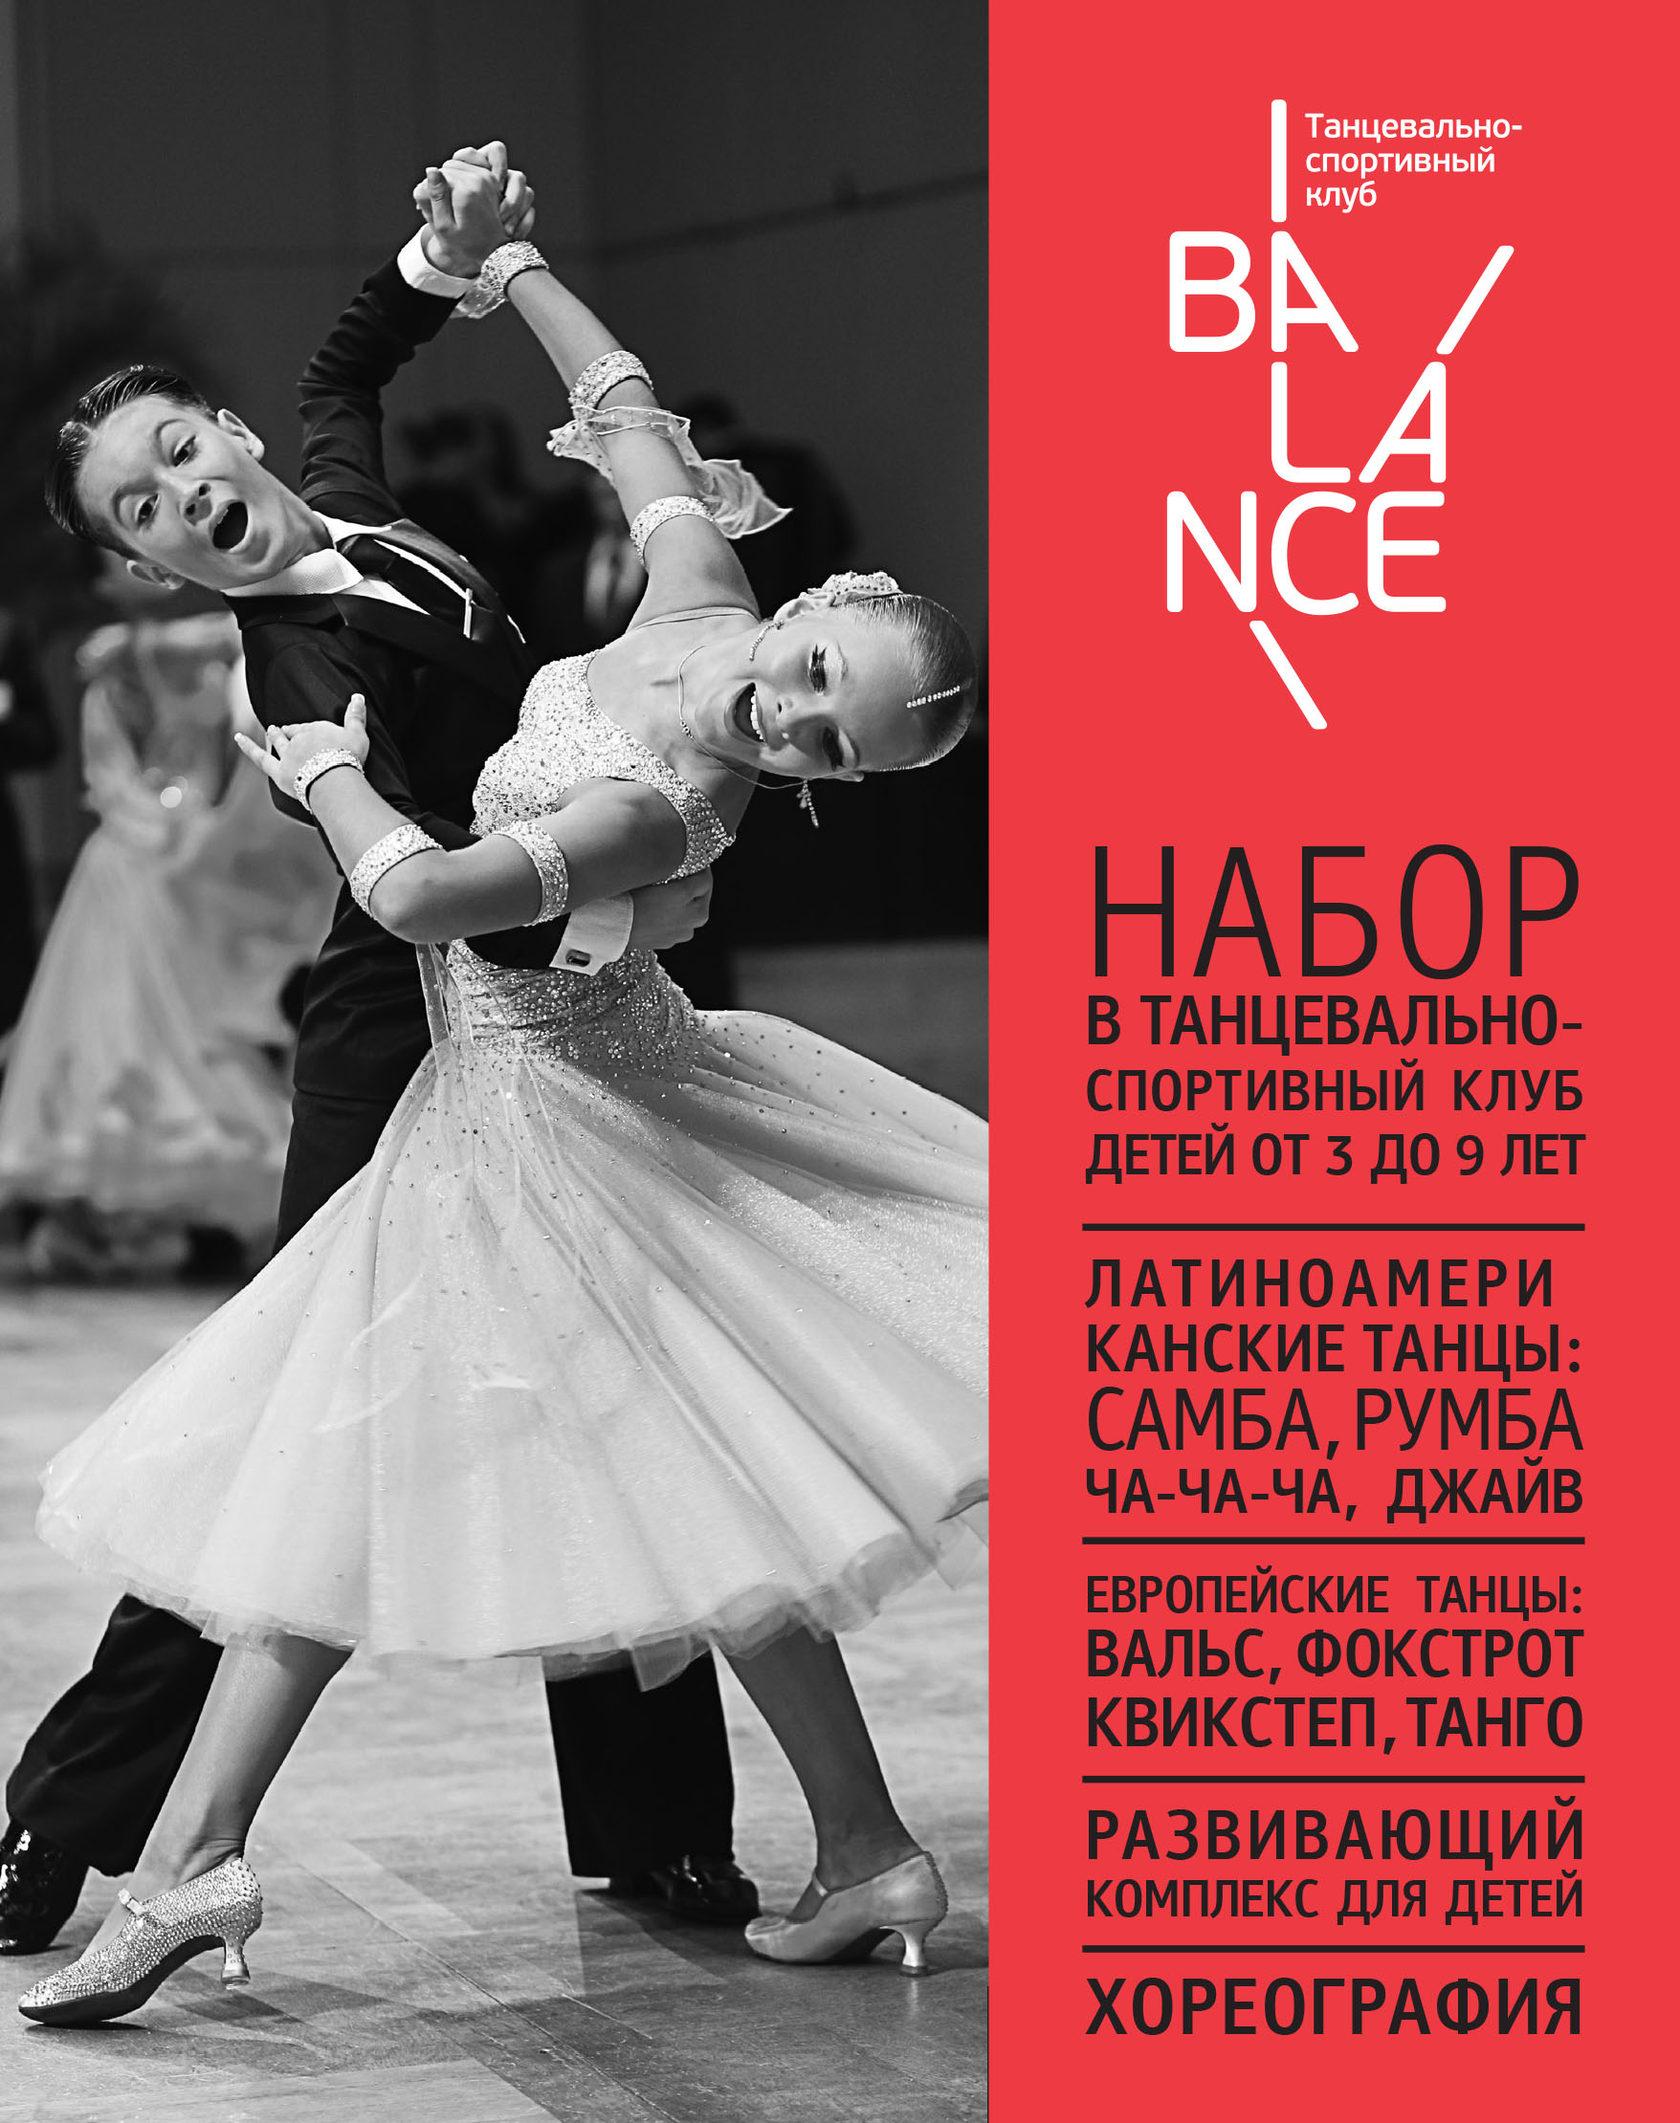 Танцевальные клубы москва бальные танцы хамелеон ночной клуб днепр